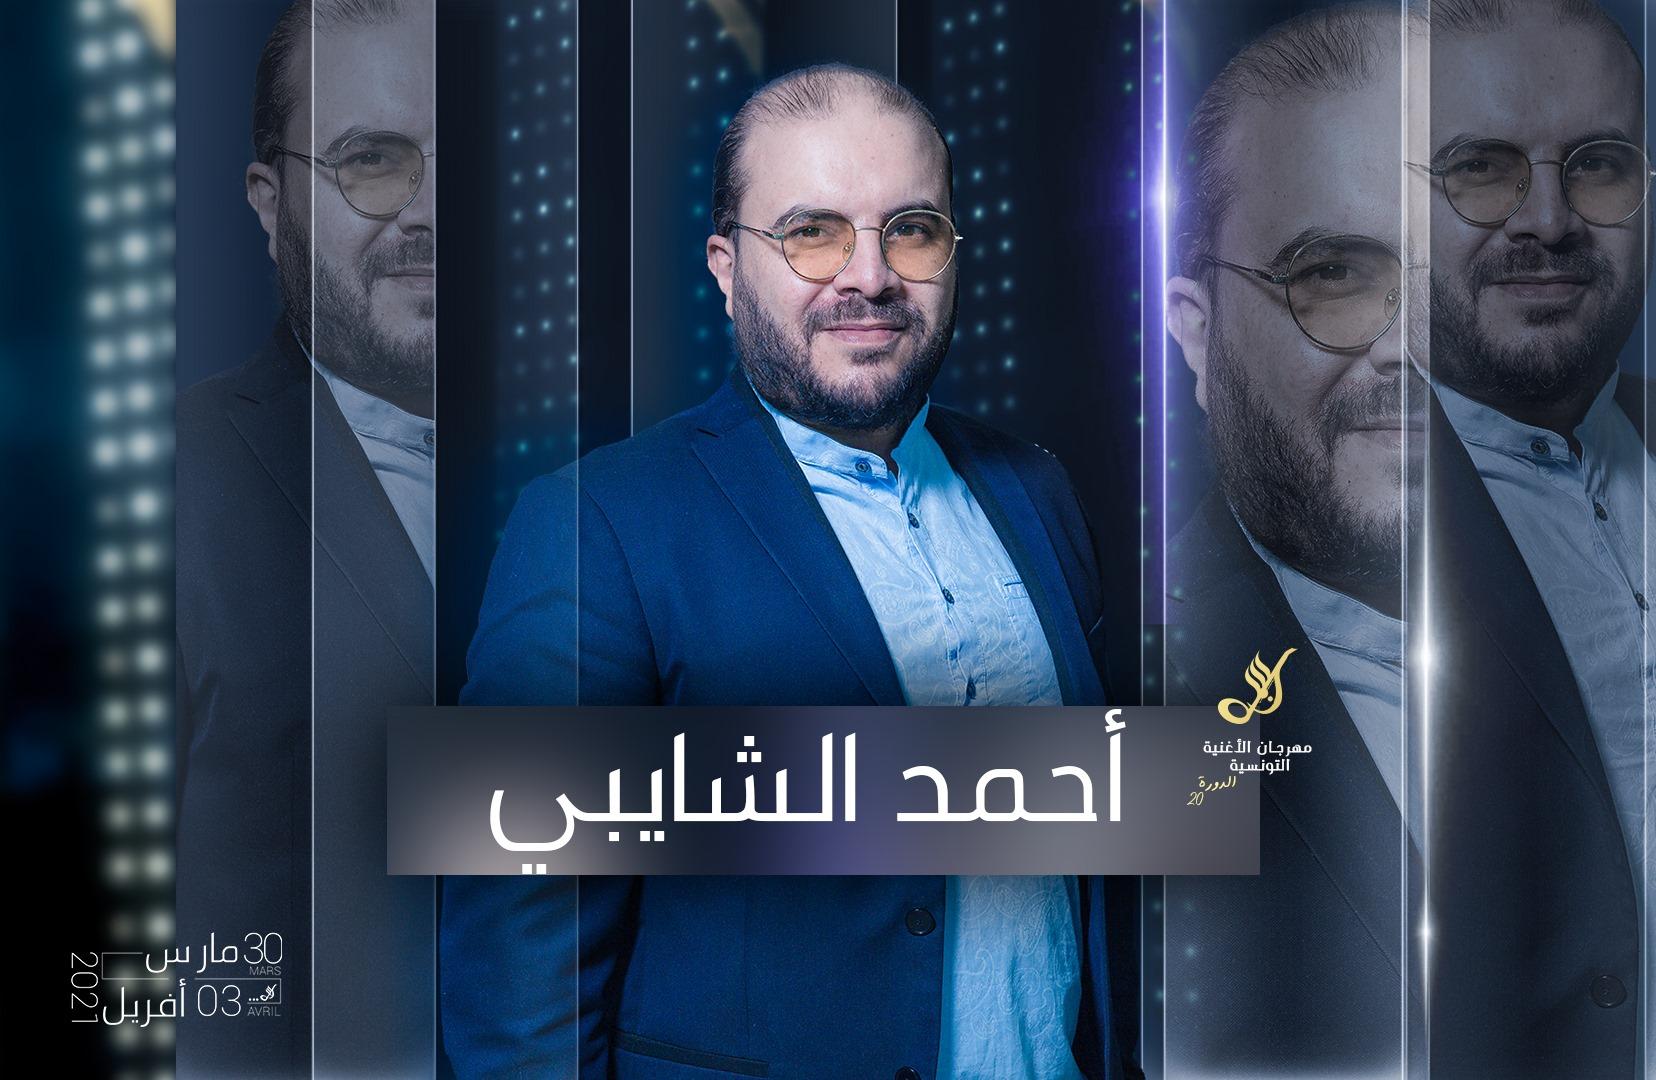 المايسترو احمد الشايبي